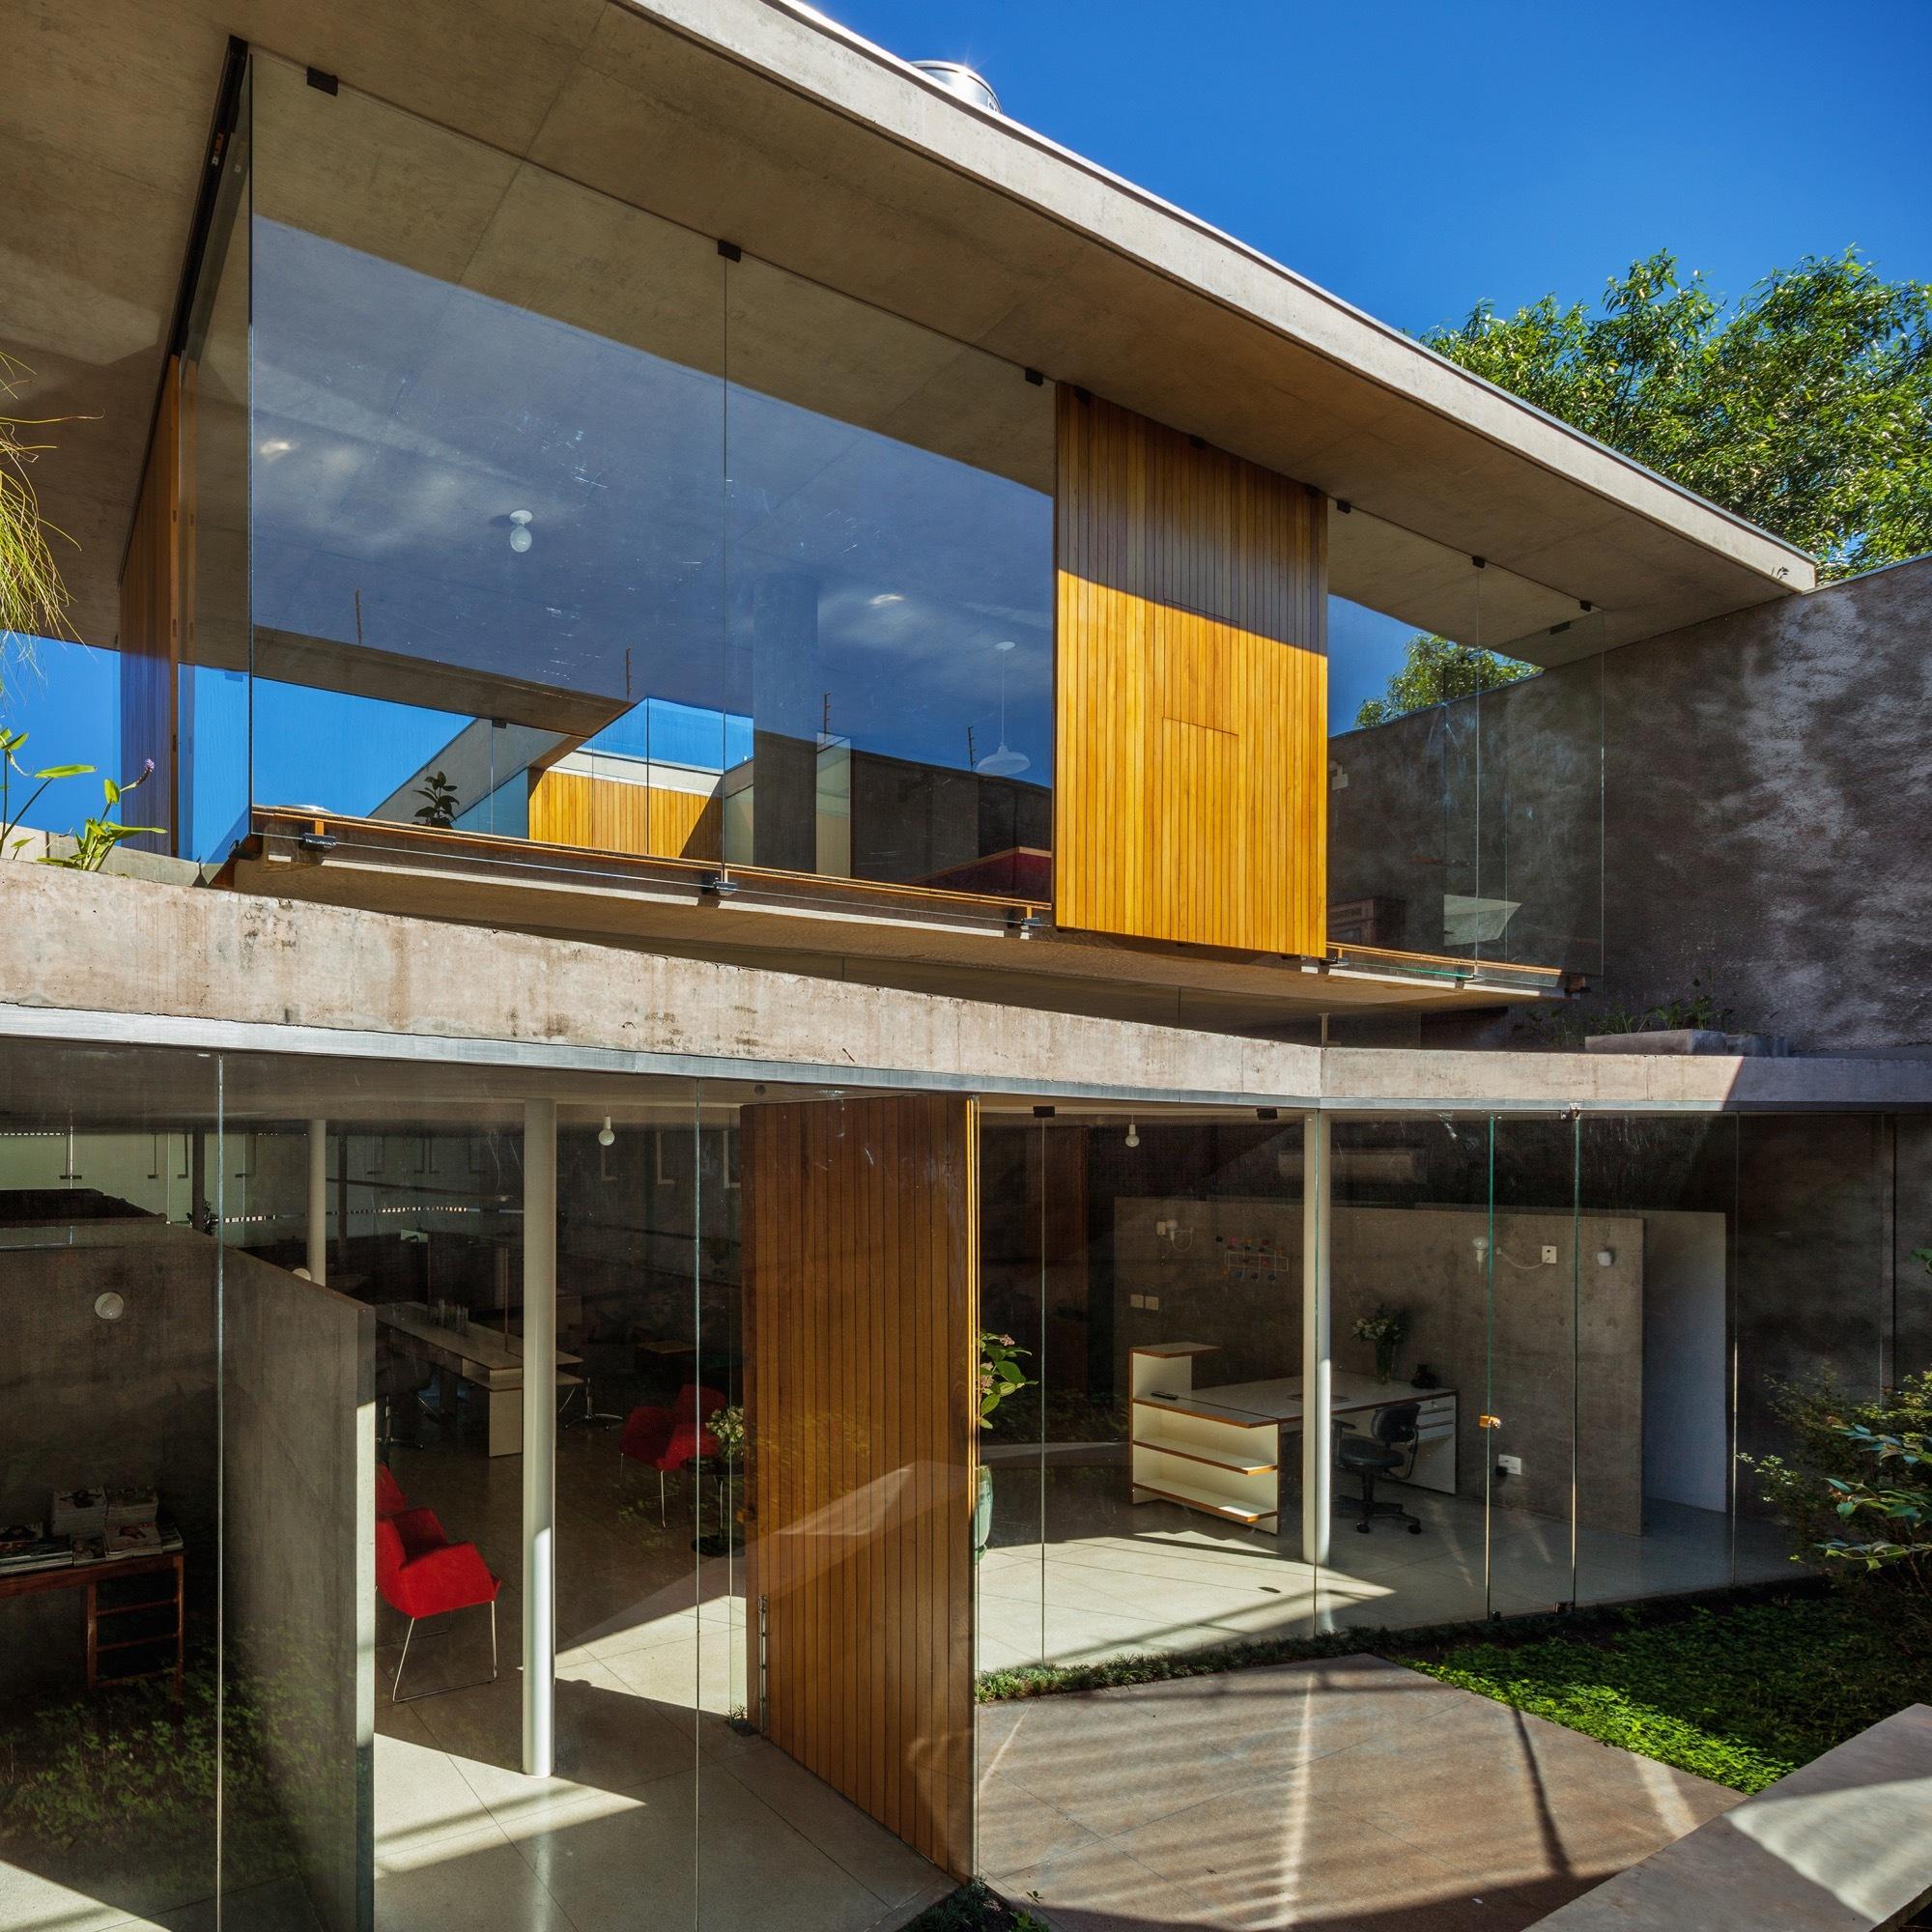 Casa y Estudio en Orlandia / SPBR arquitetos